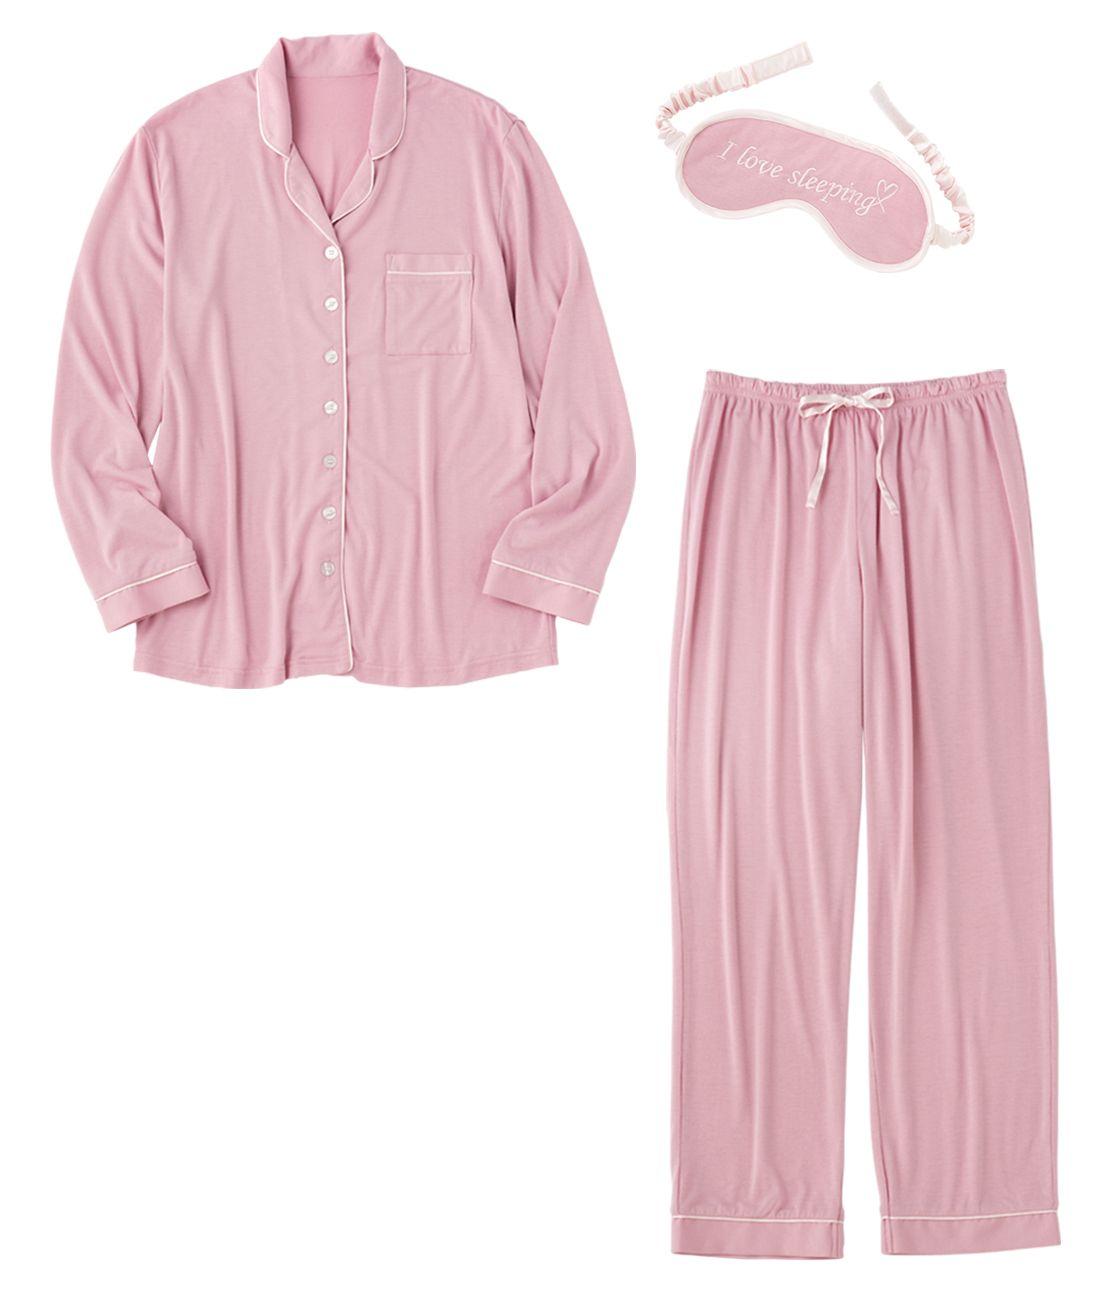 バイカラーシャツパジャマセット